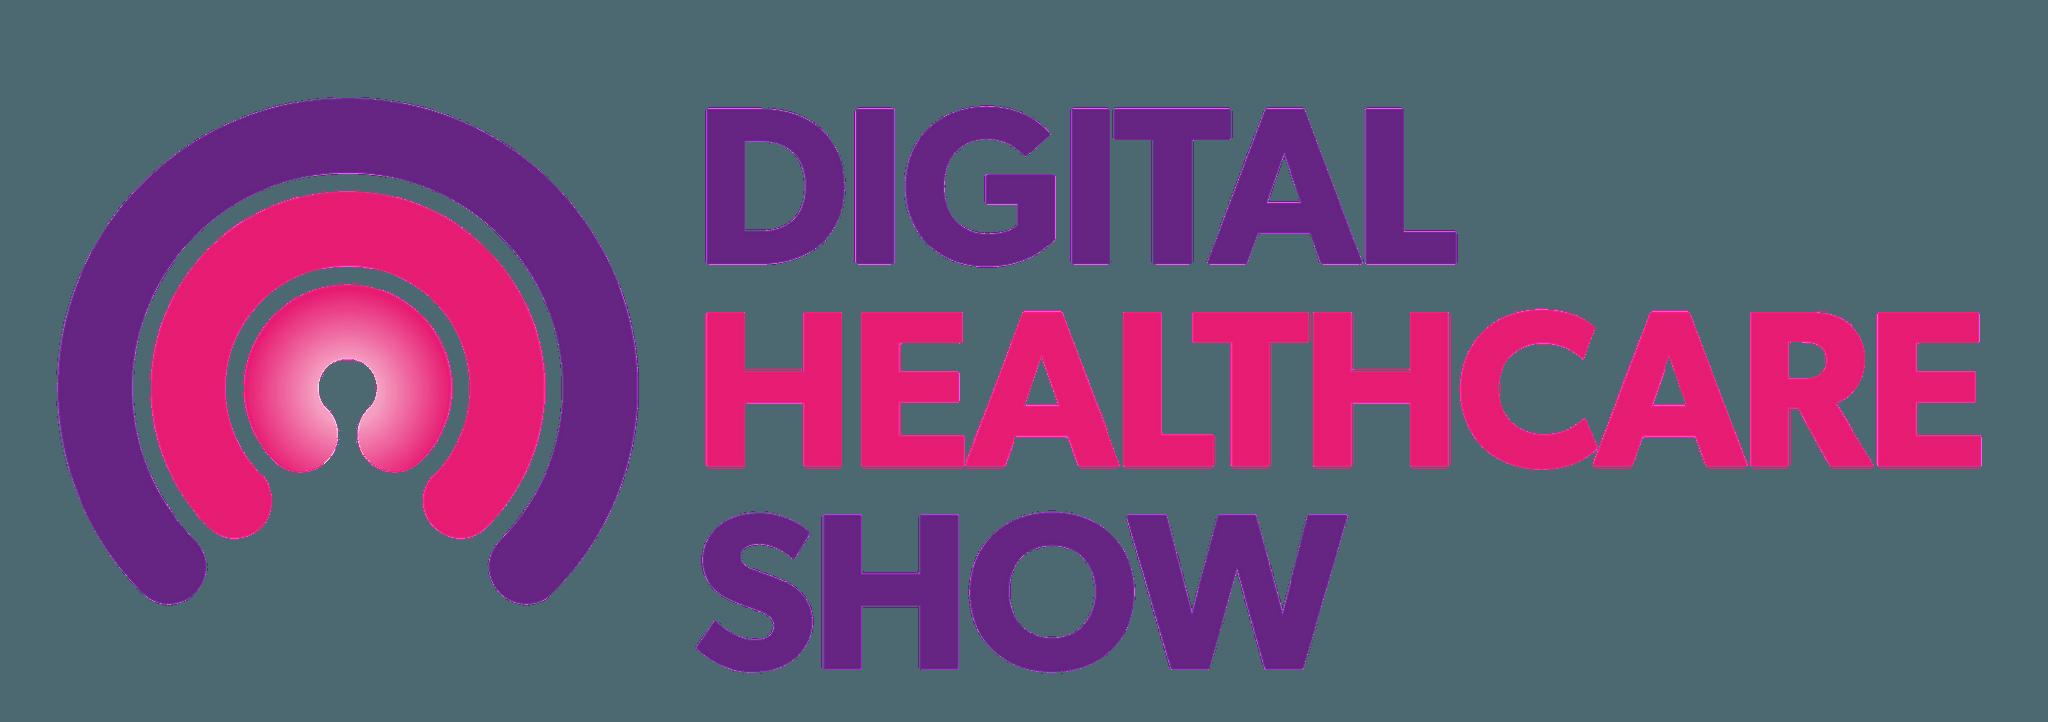 Digital Show Care